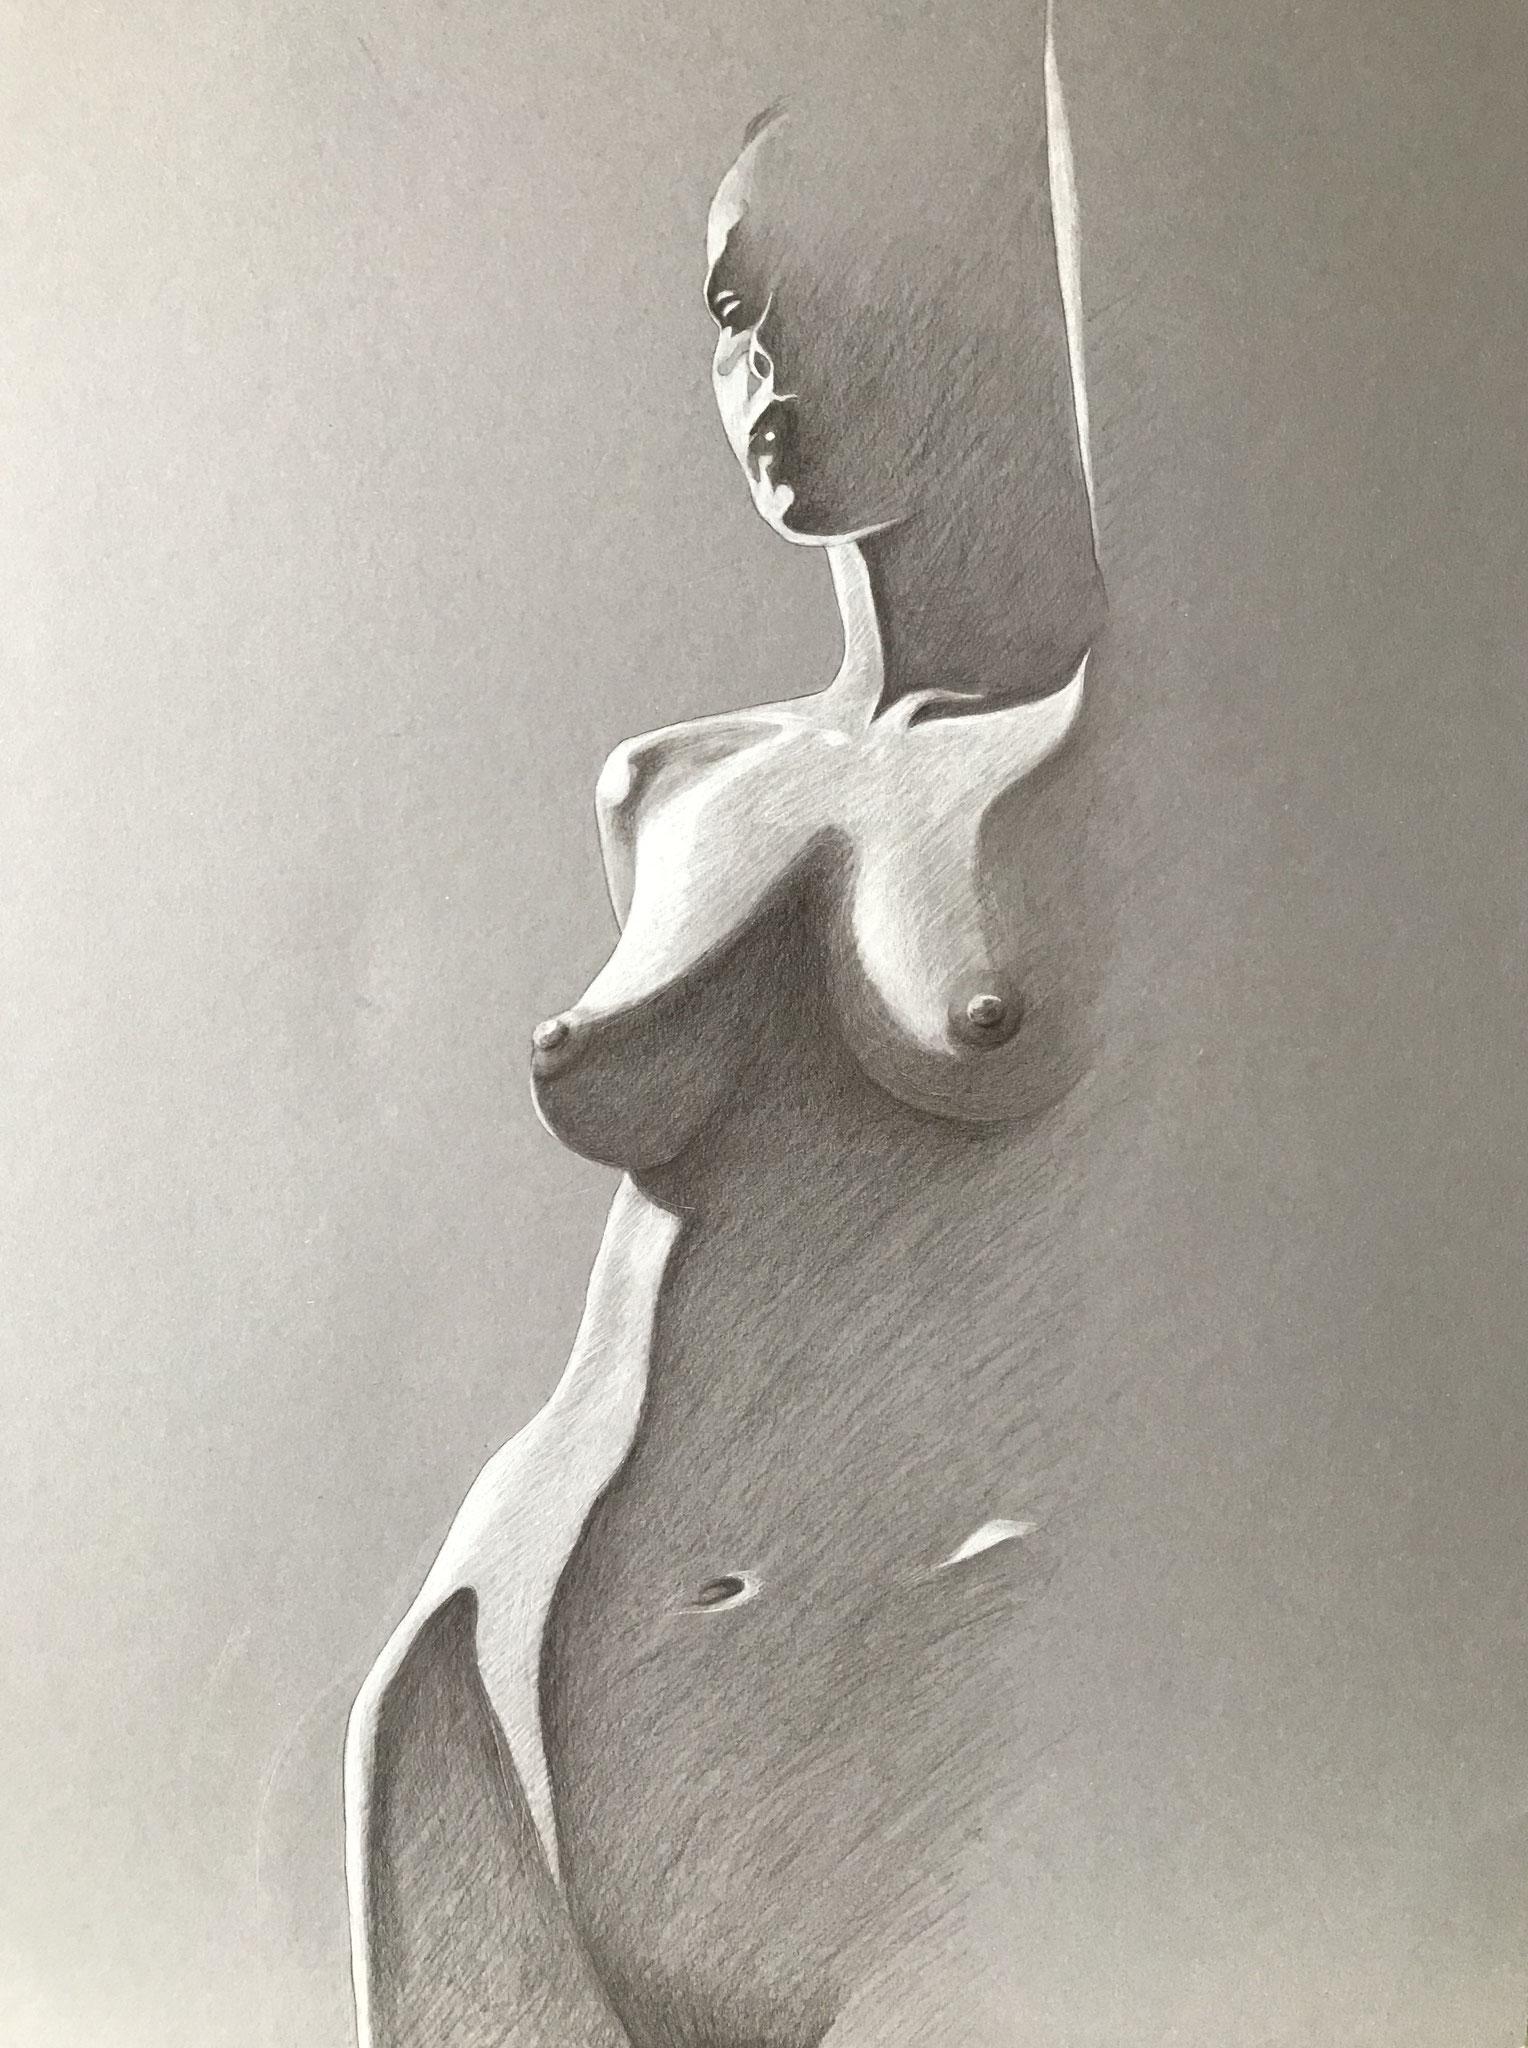 Der Morgen, Kreide und Aquarellstift auf Karton, 70 x 50 cm